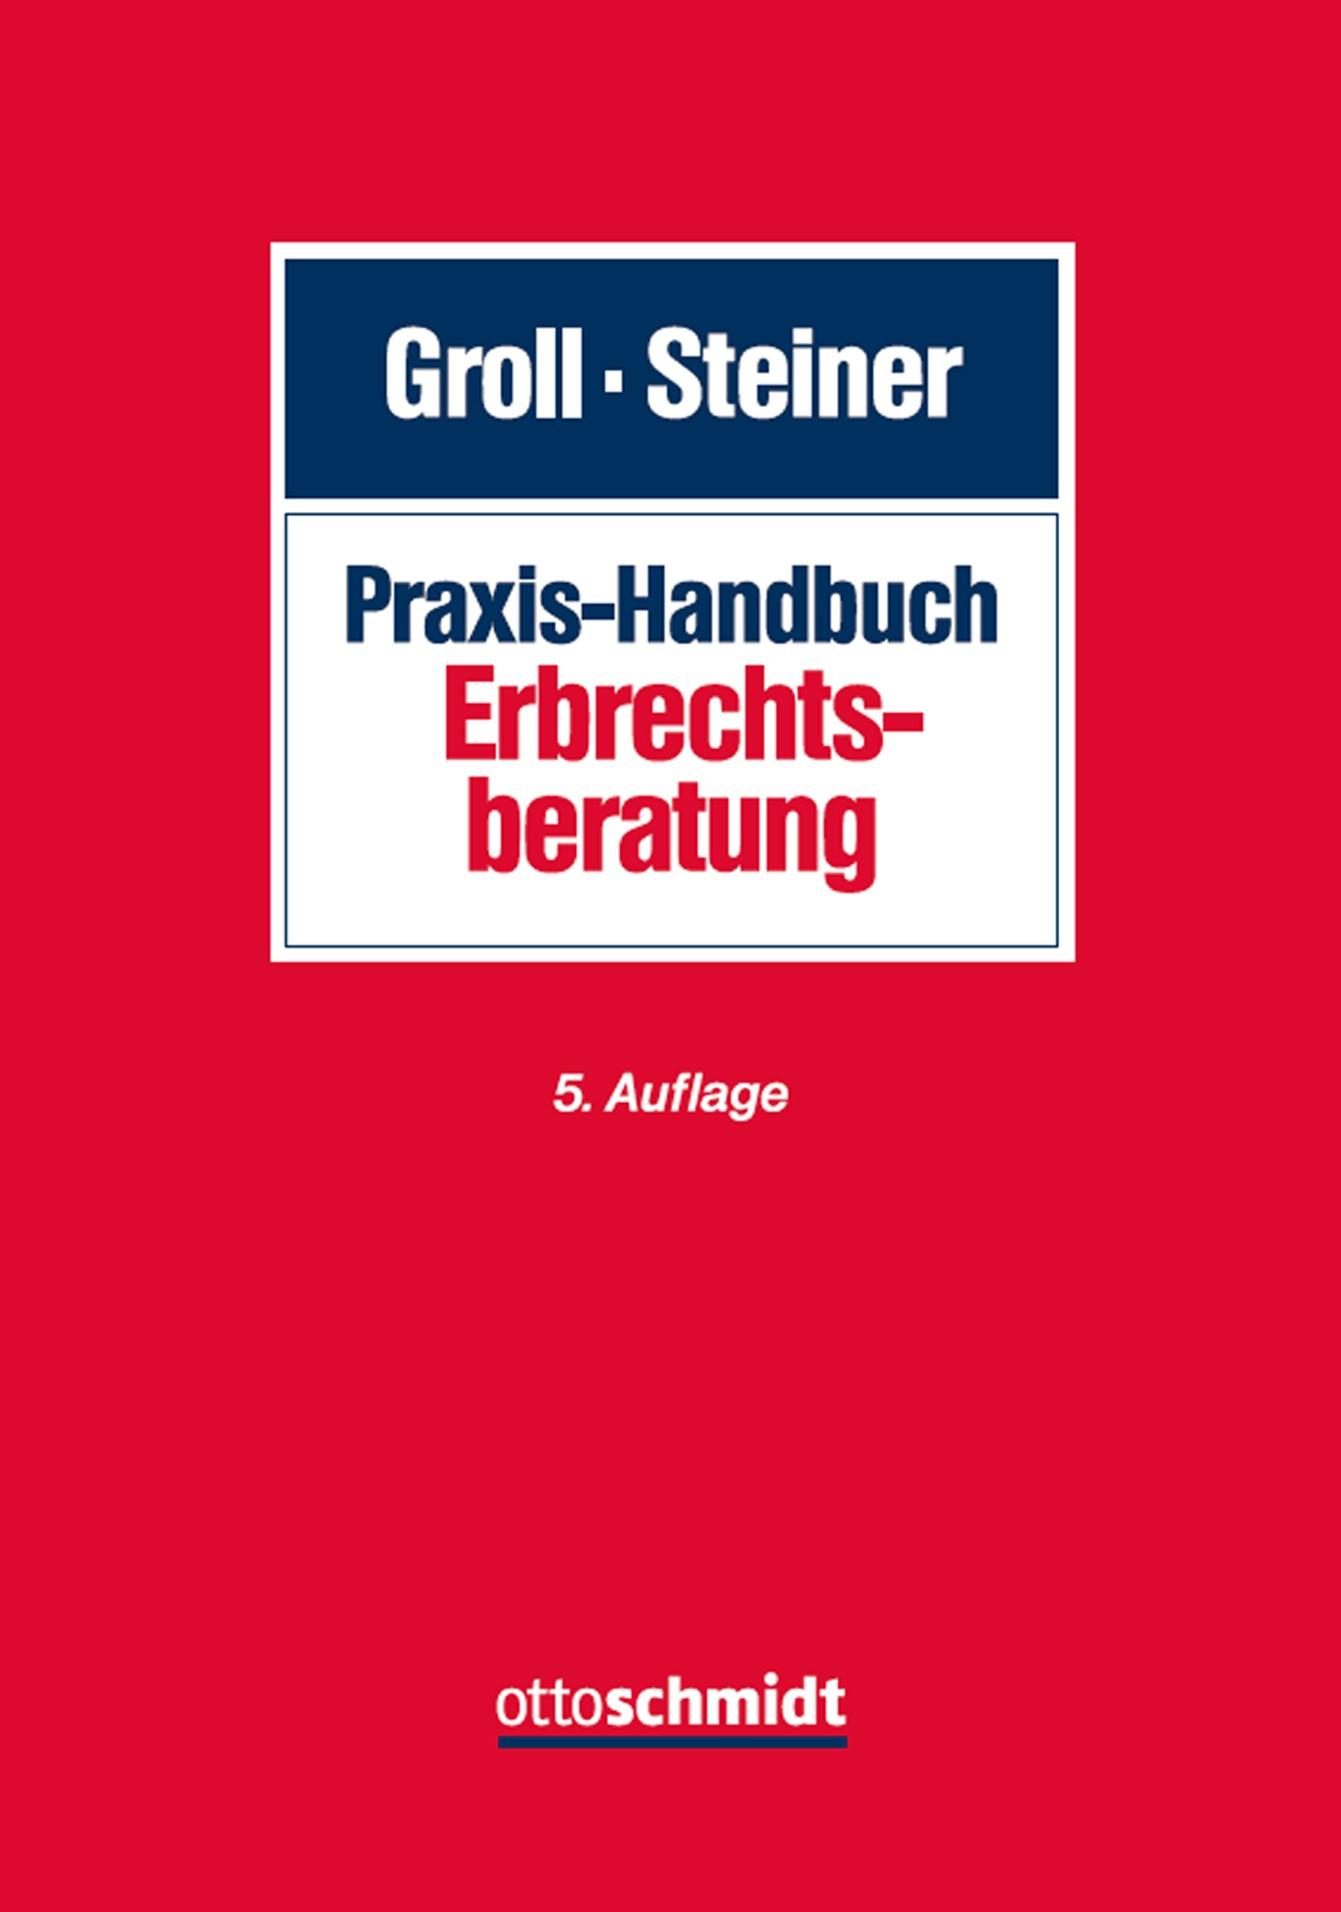 Abbildung von Groll / Steiner (Hrsg.) | Praxis-Handbuch Erbrechtsberatung | 5., neu bearbeitete Auflage | 2019